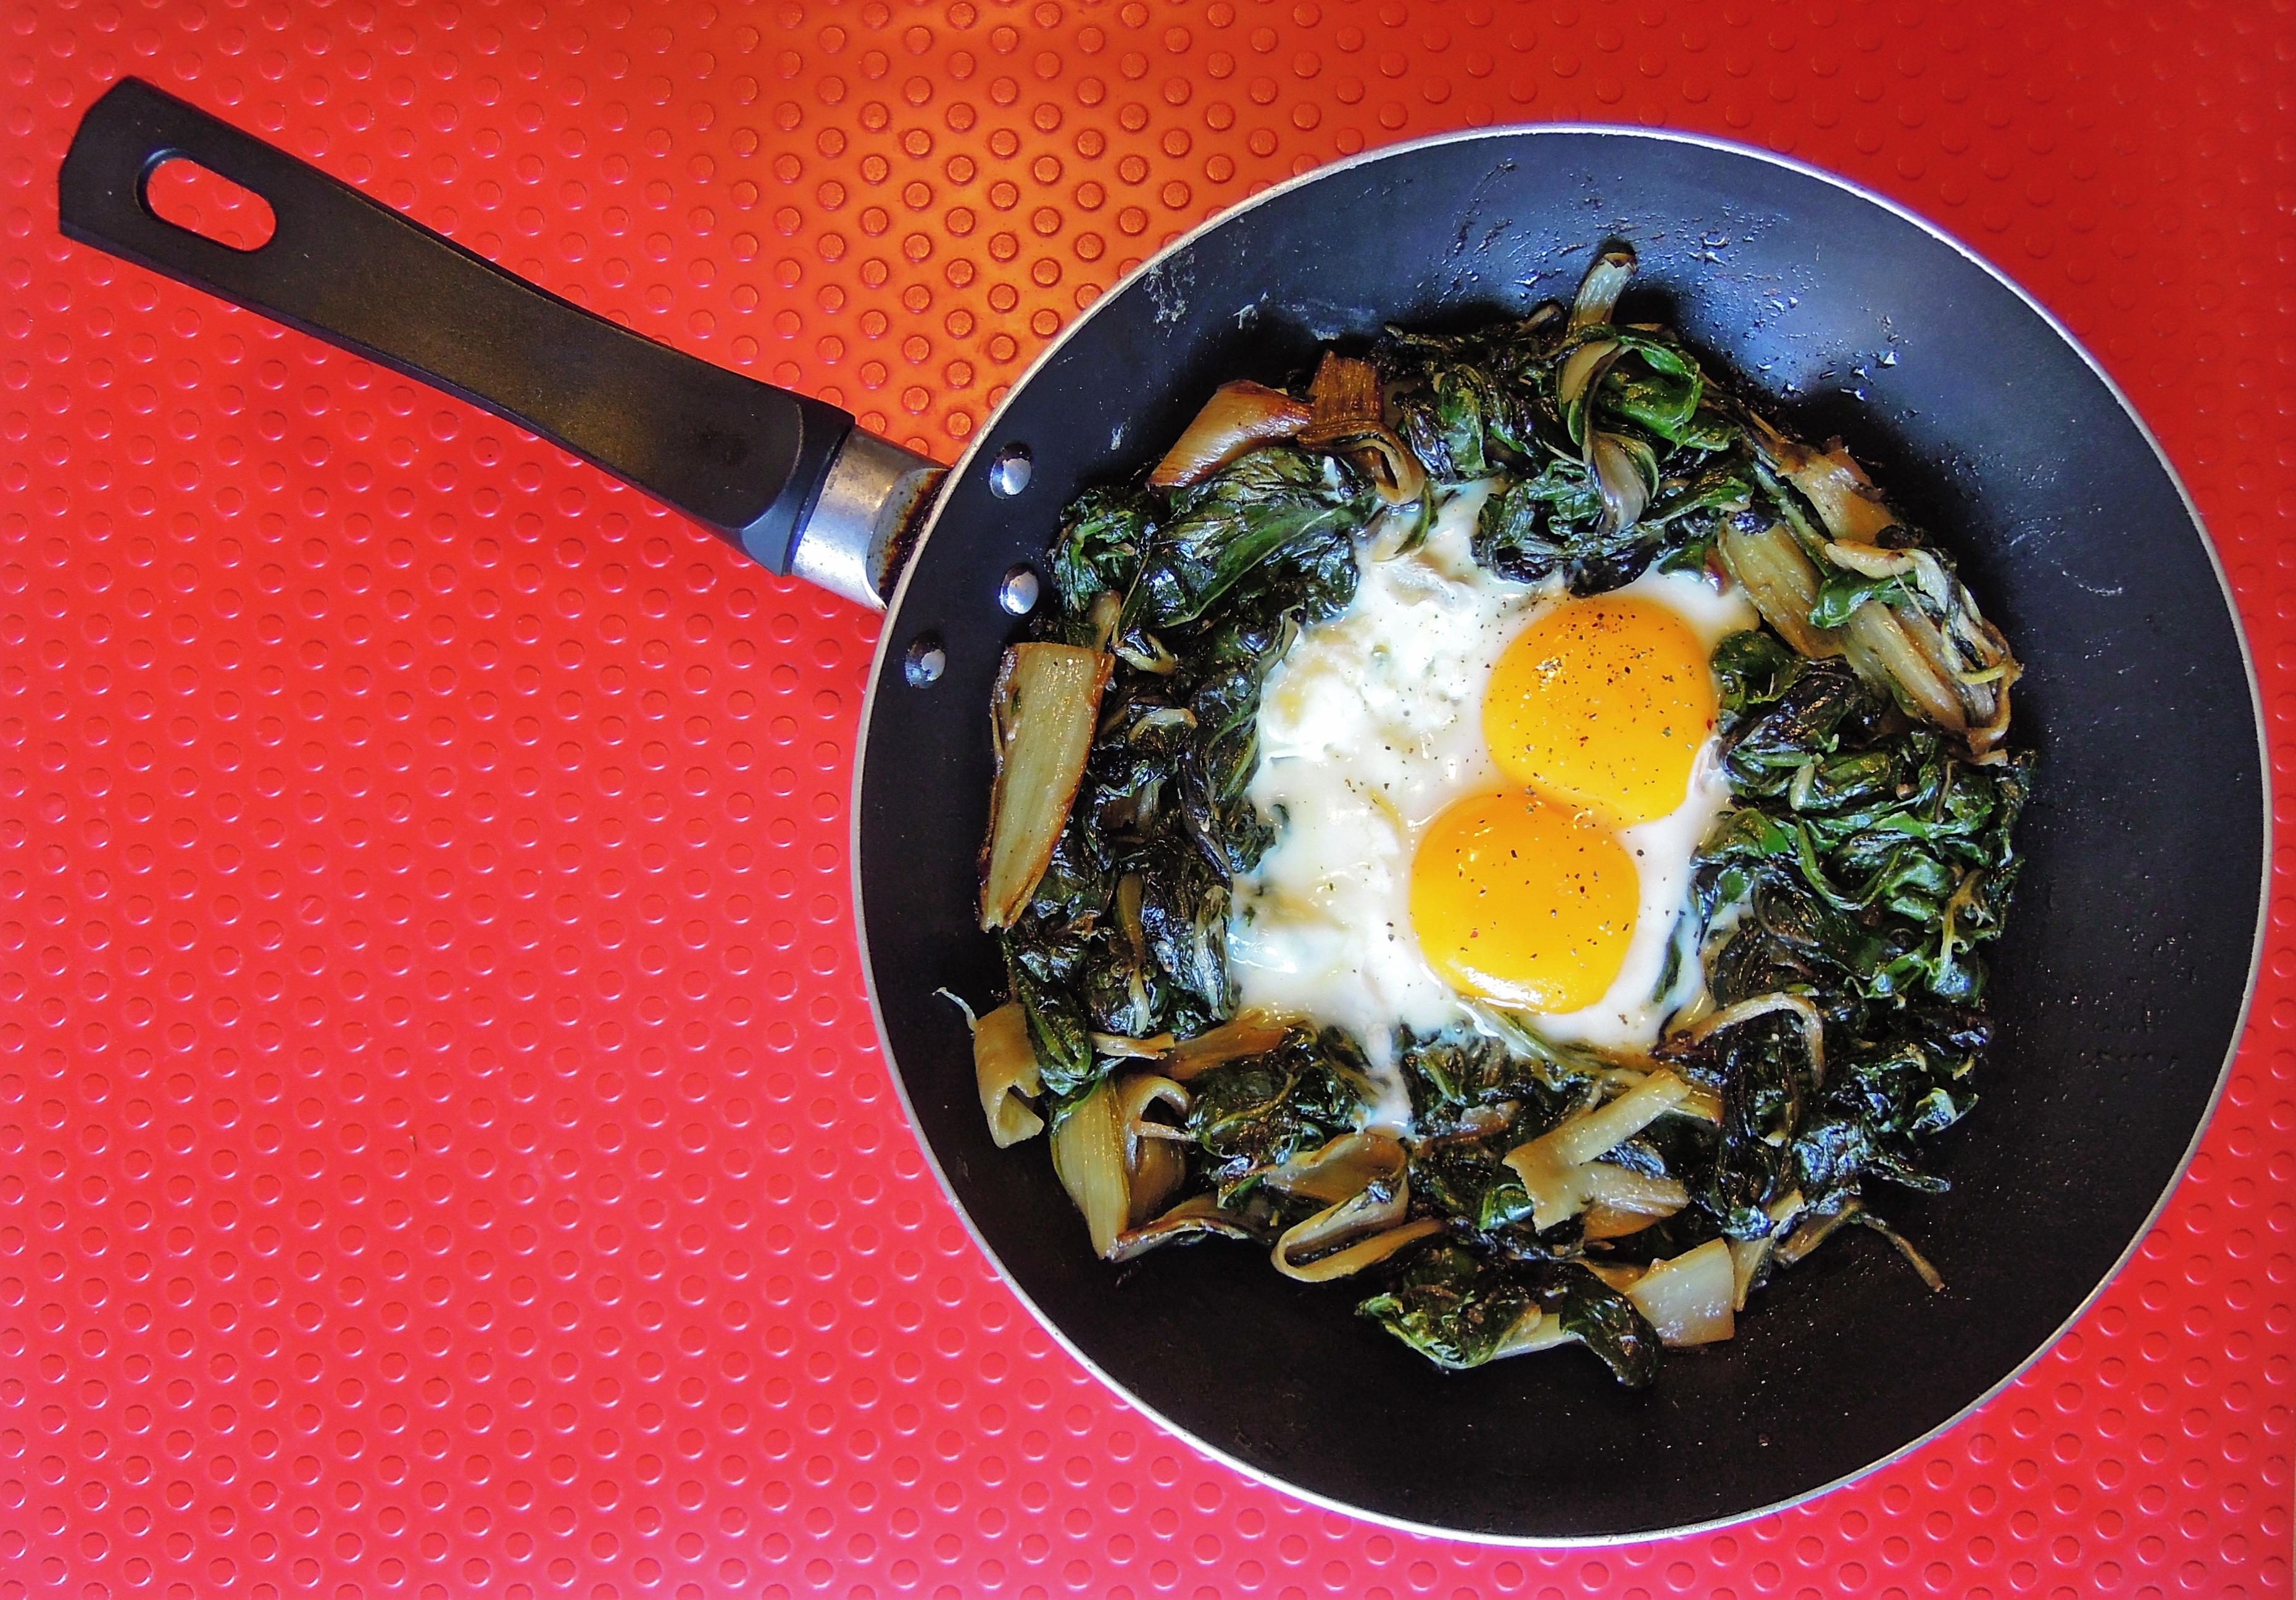 Bietola e uova in padella giovanni odino - Cucinare le uova ...